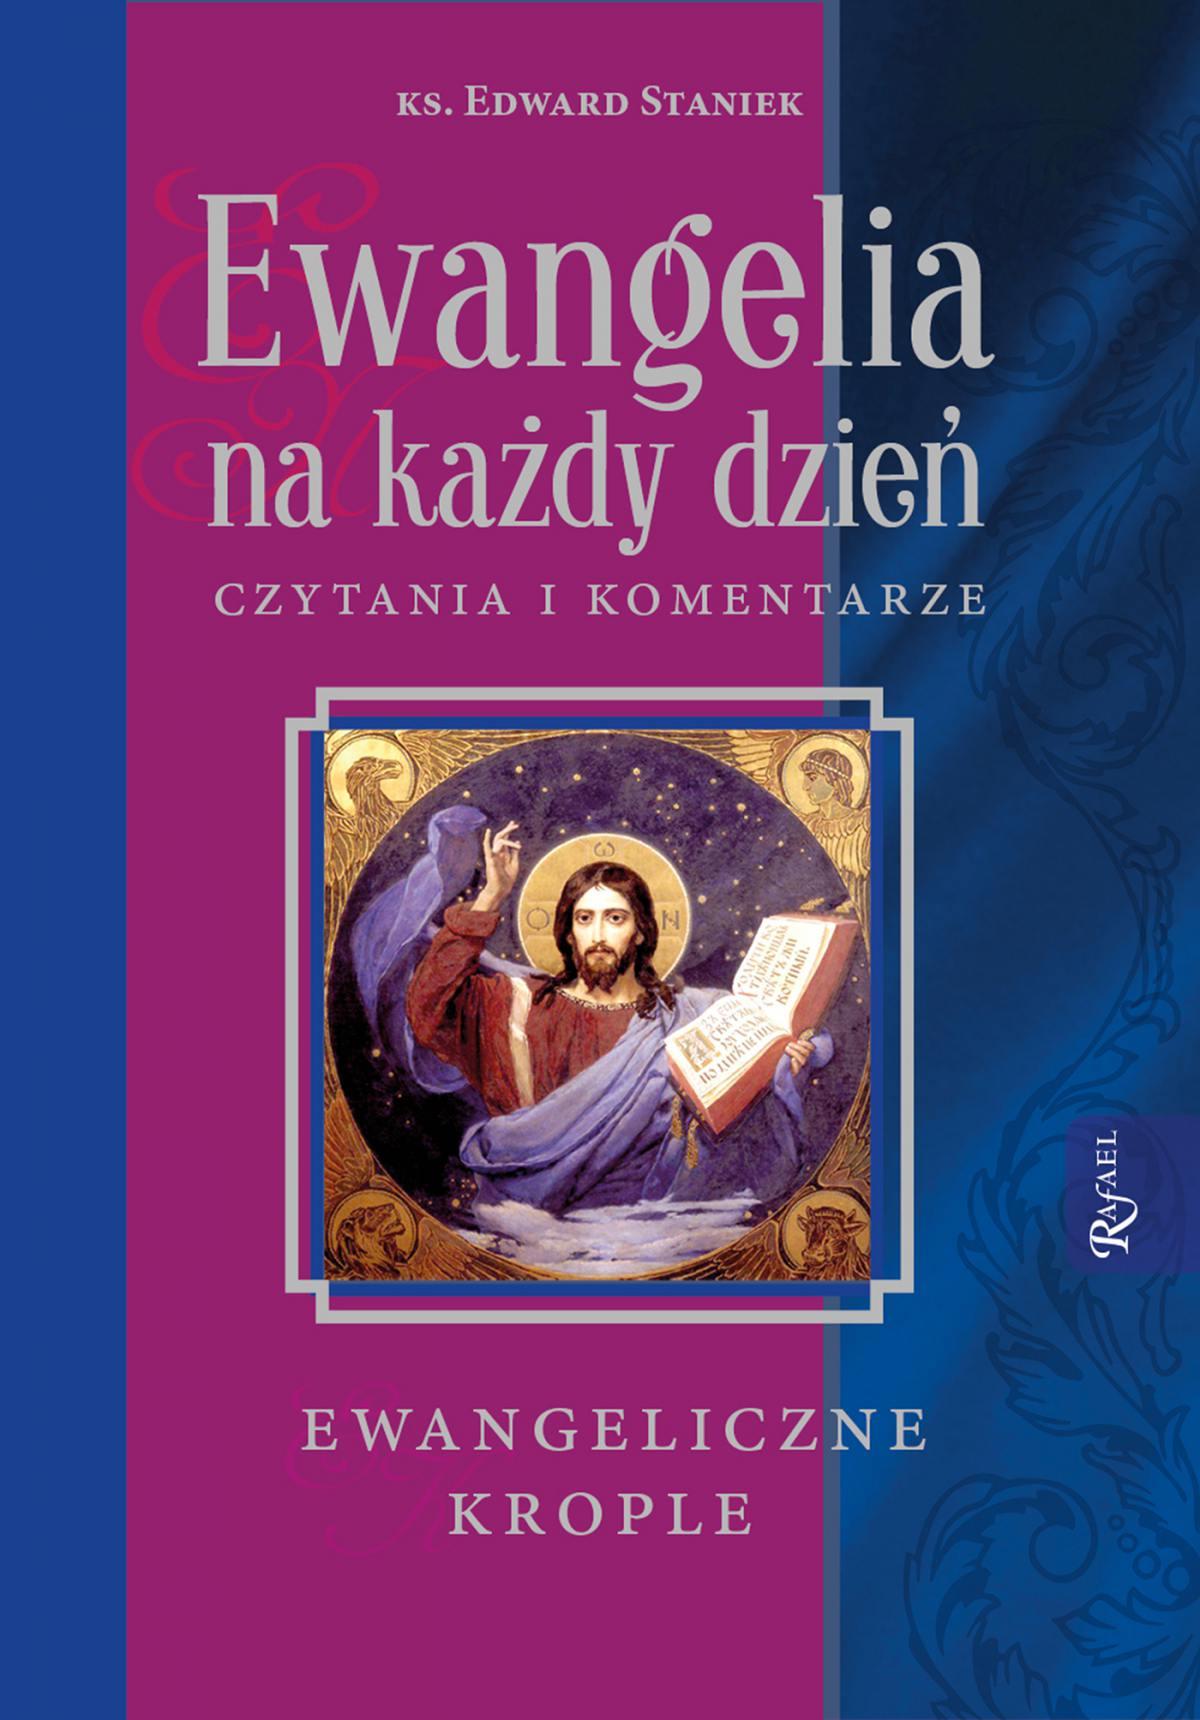 Ewangelia na każdy dzień. Czytania i komentarze - ewangeliczne krople - Ebook (Książka na Kindle) do pobrania w formacie MOBI